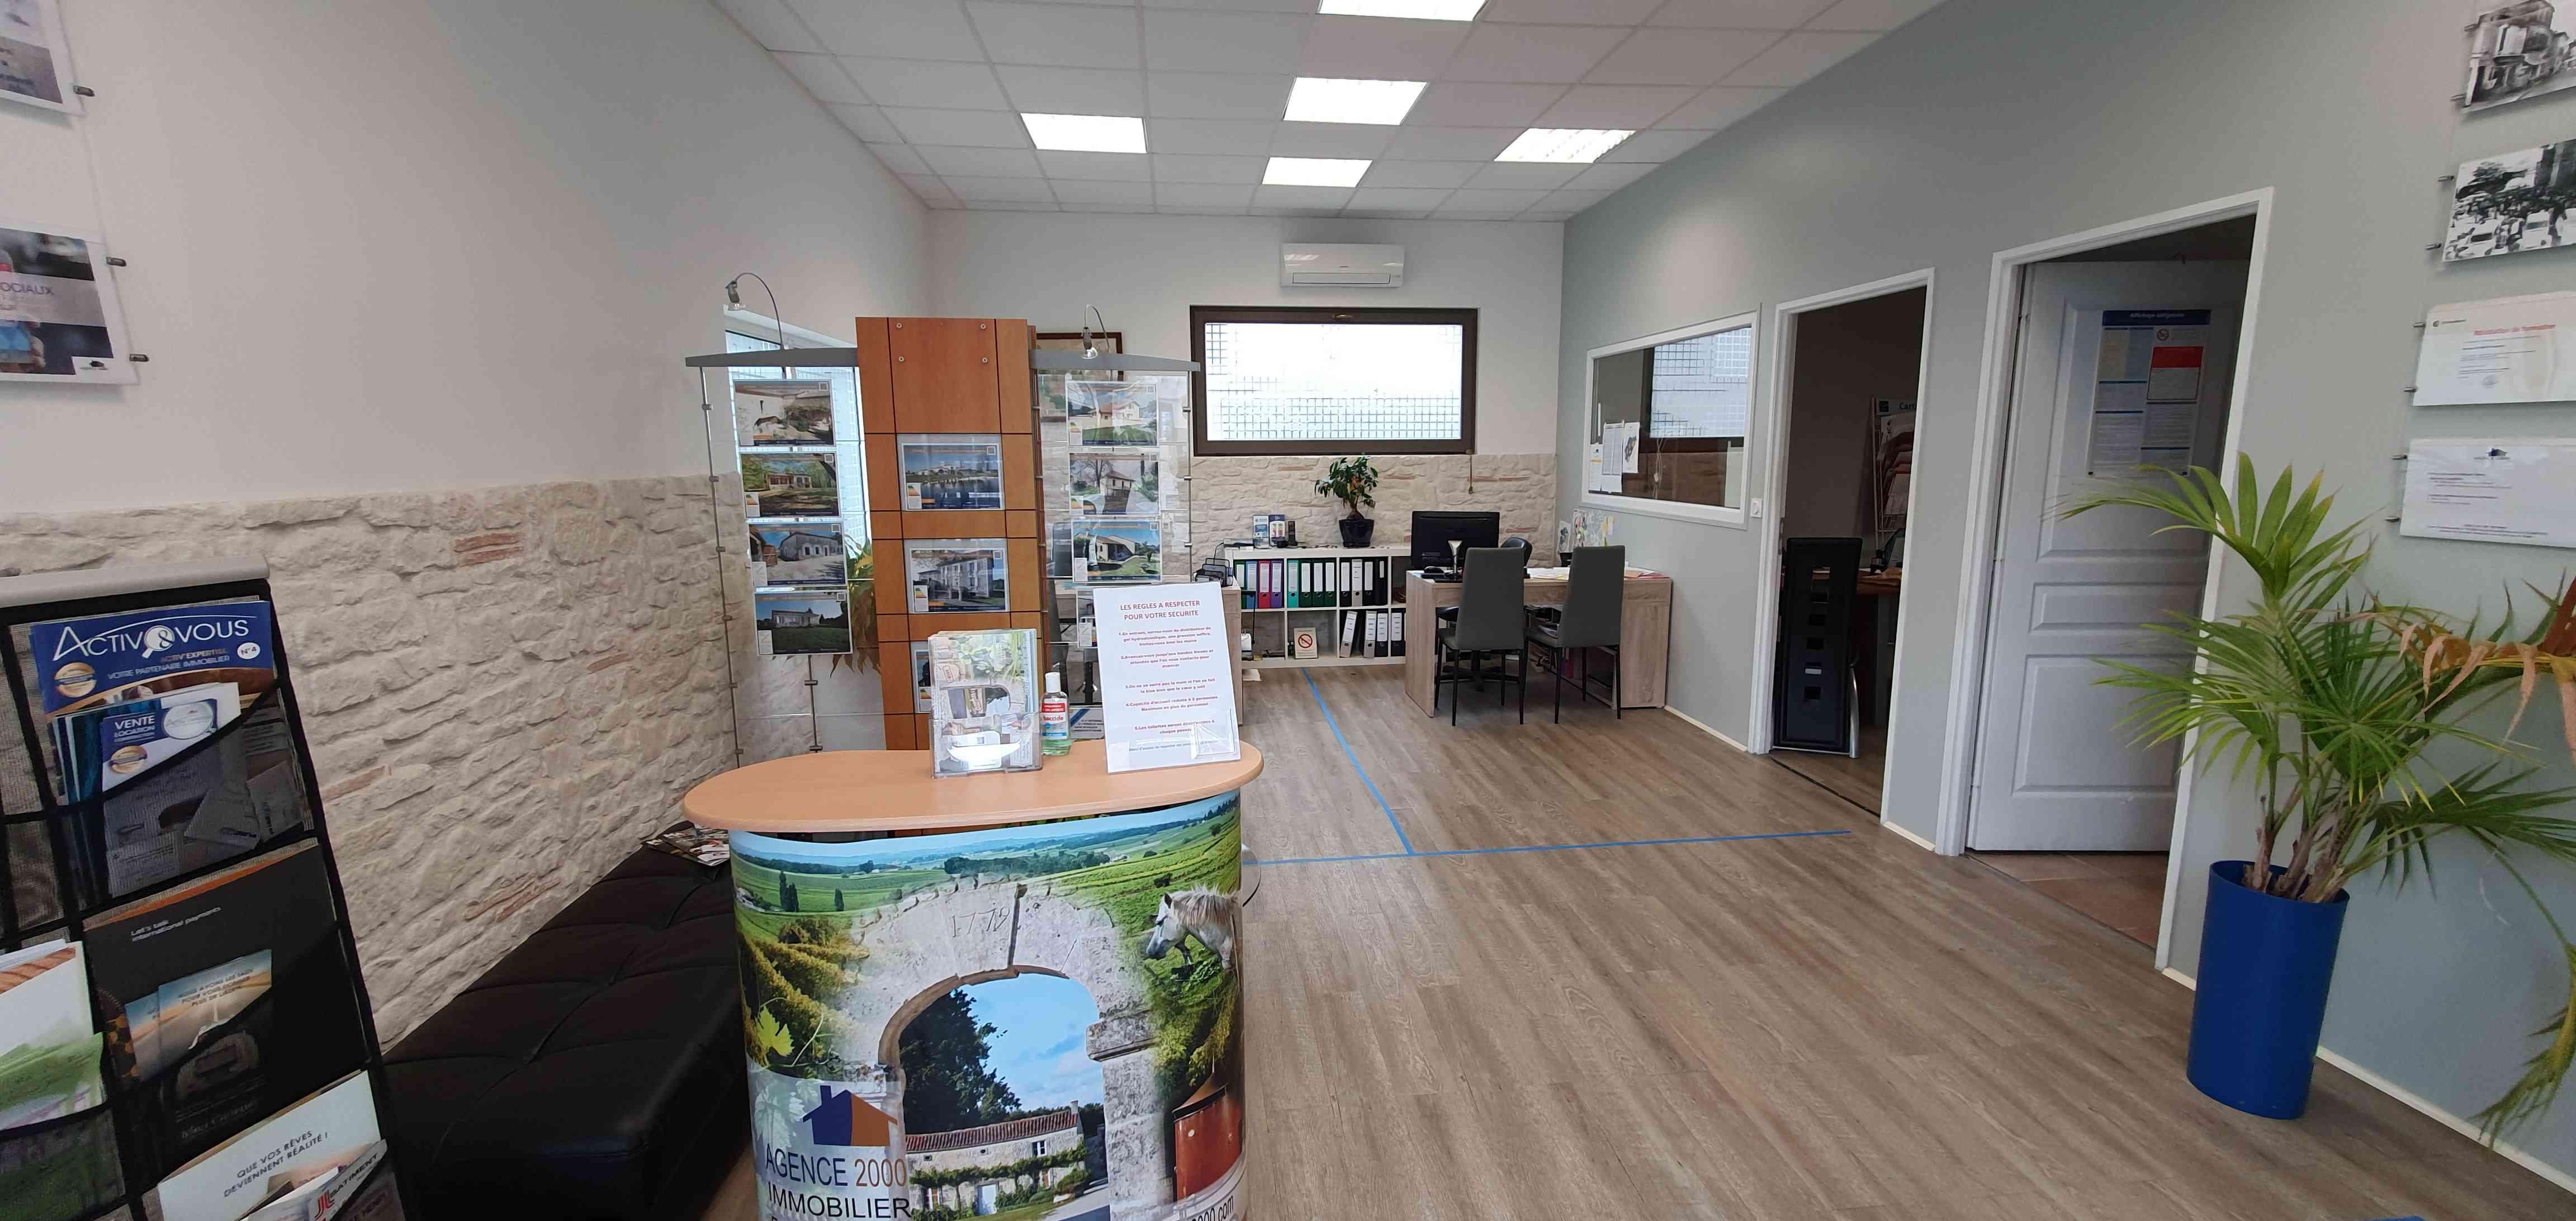 Agence 2000 Immobilier | Barbezieux-Saint-Hilaire France | visite virtuelle 360 3D VR